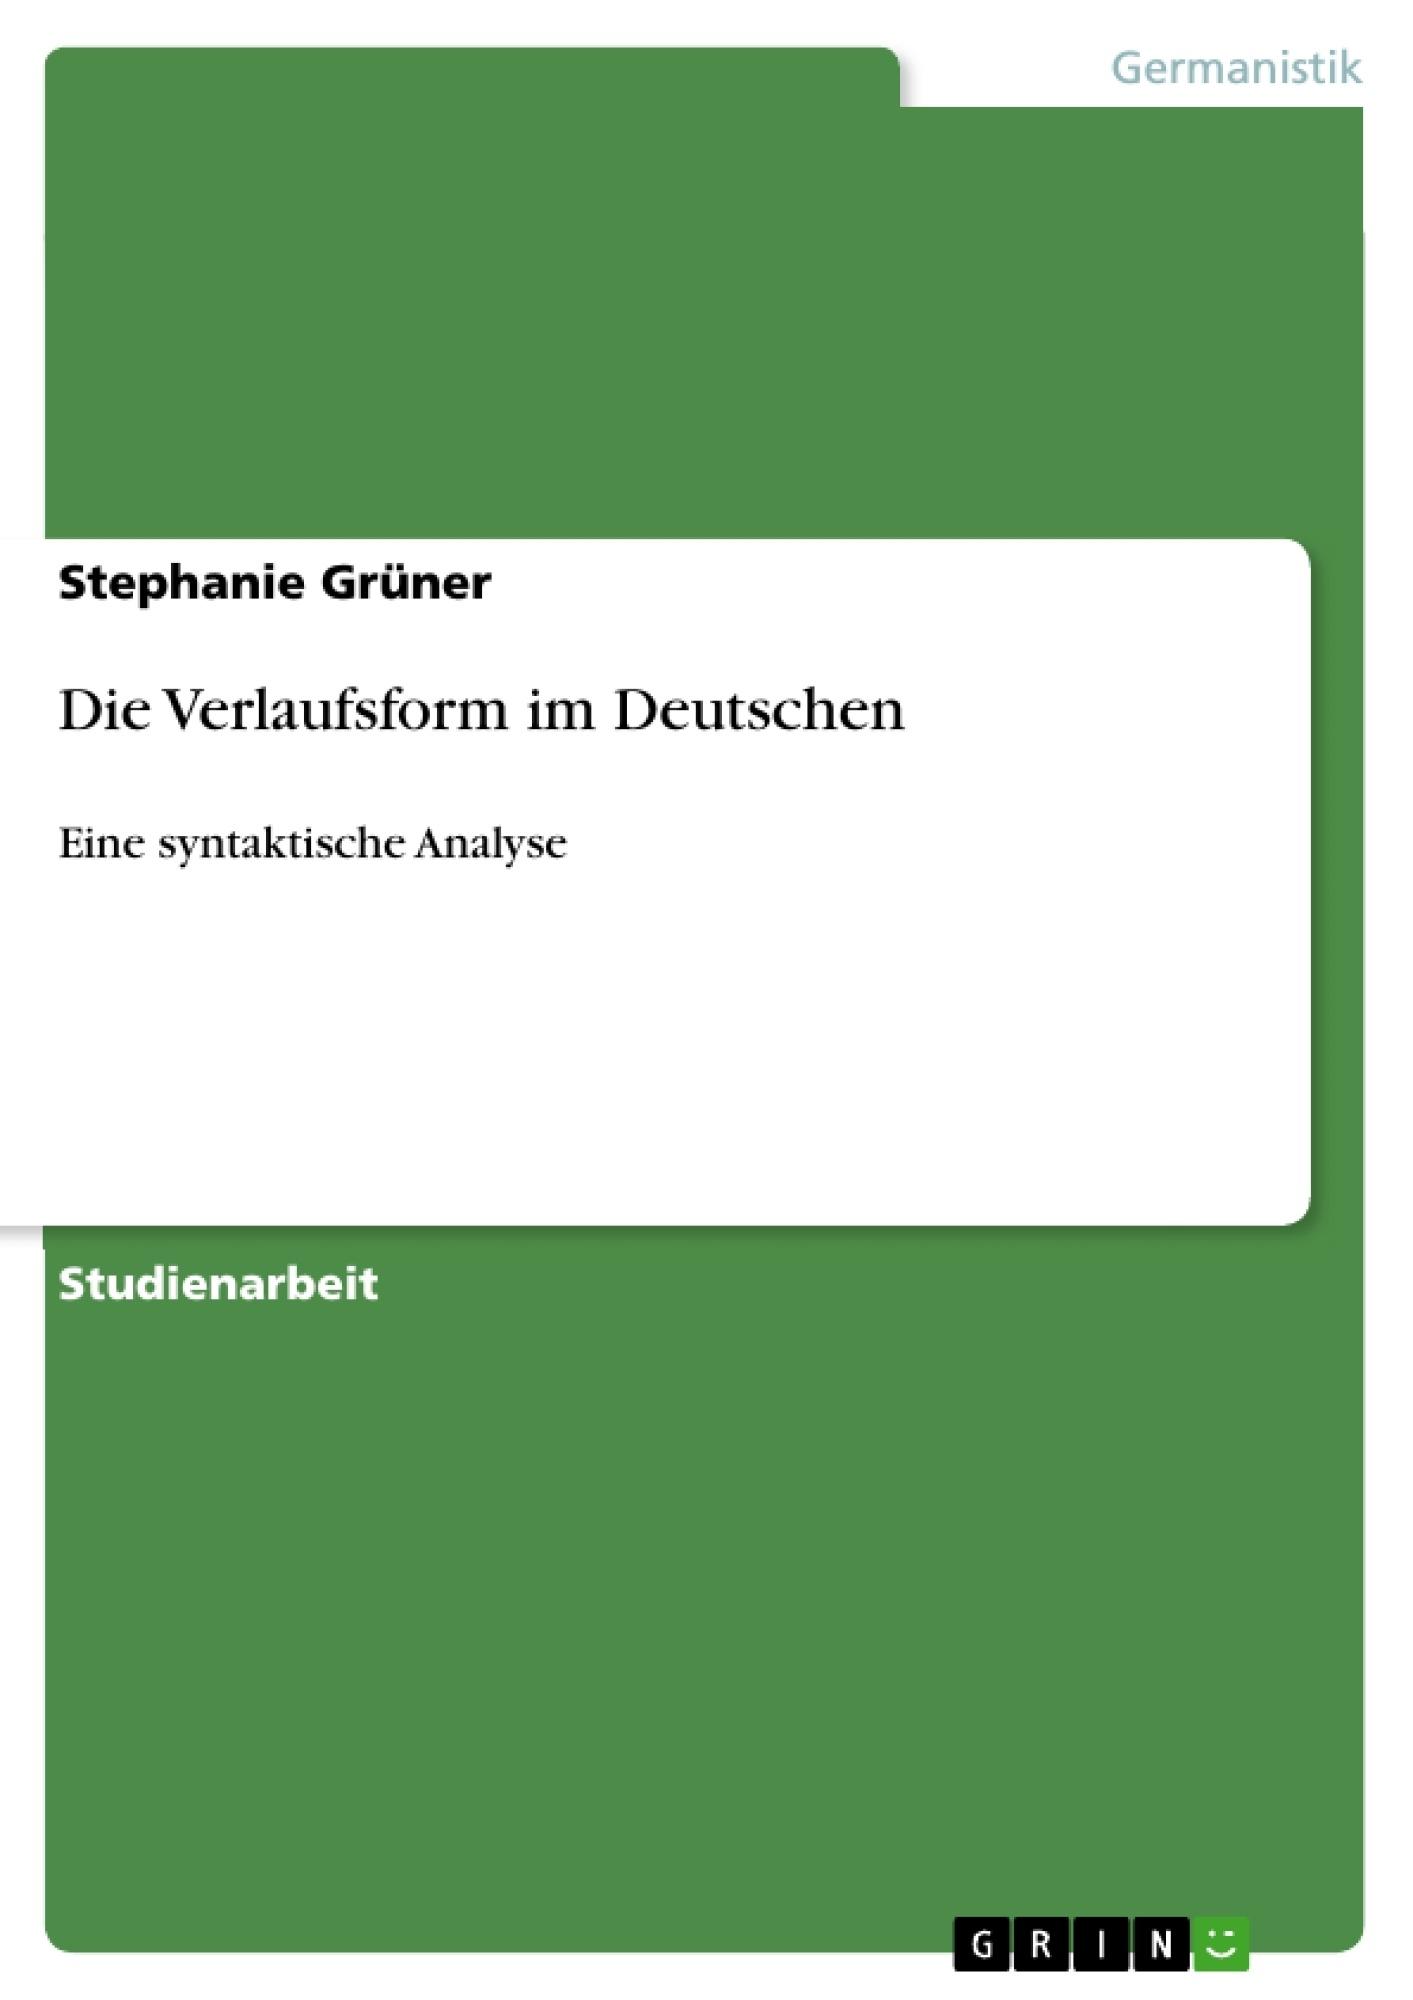 Titel: Die Verlaufsform im Deutschen